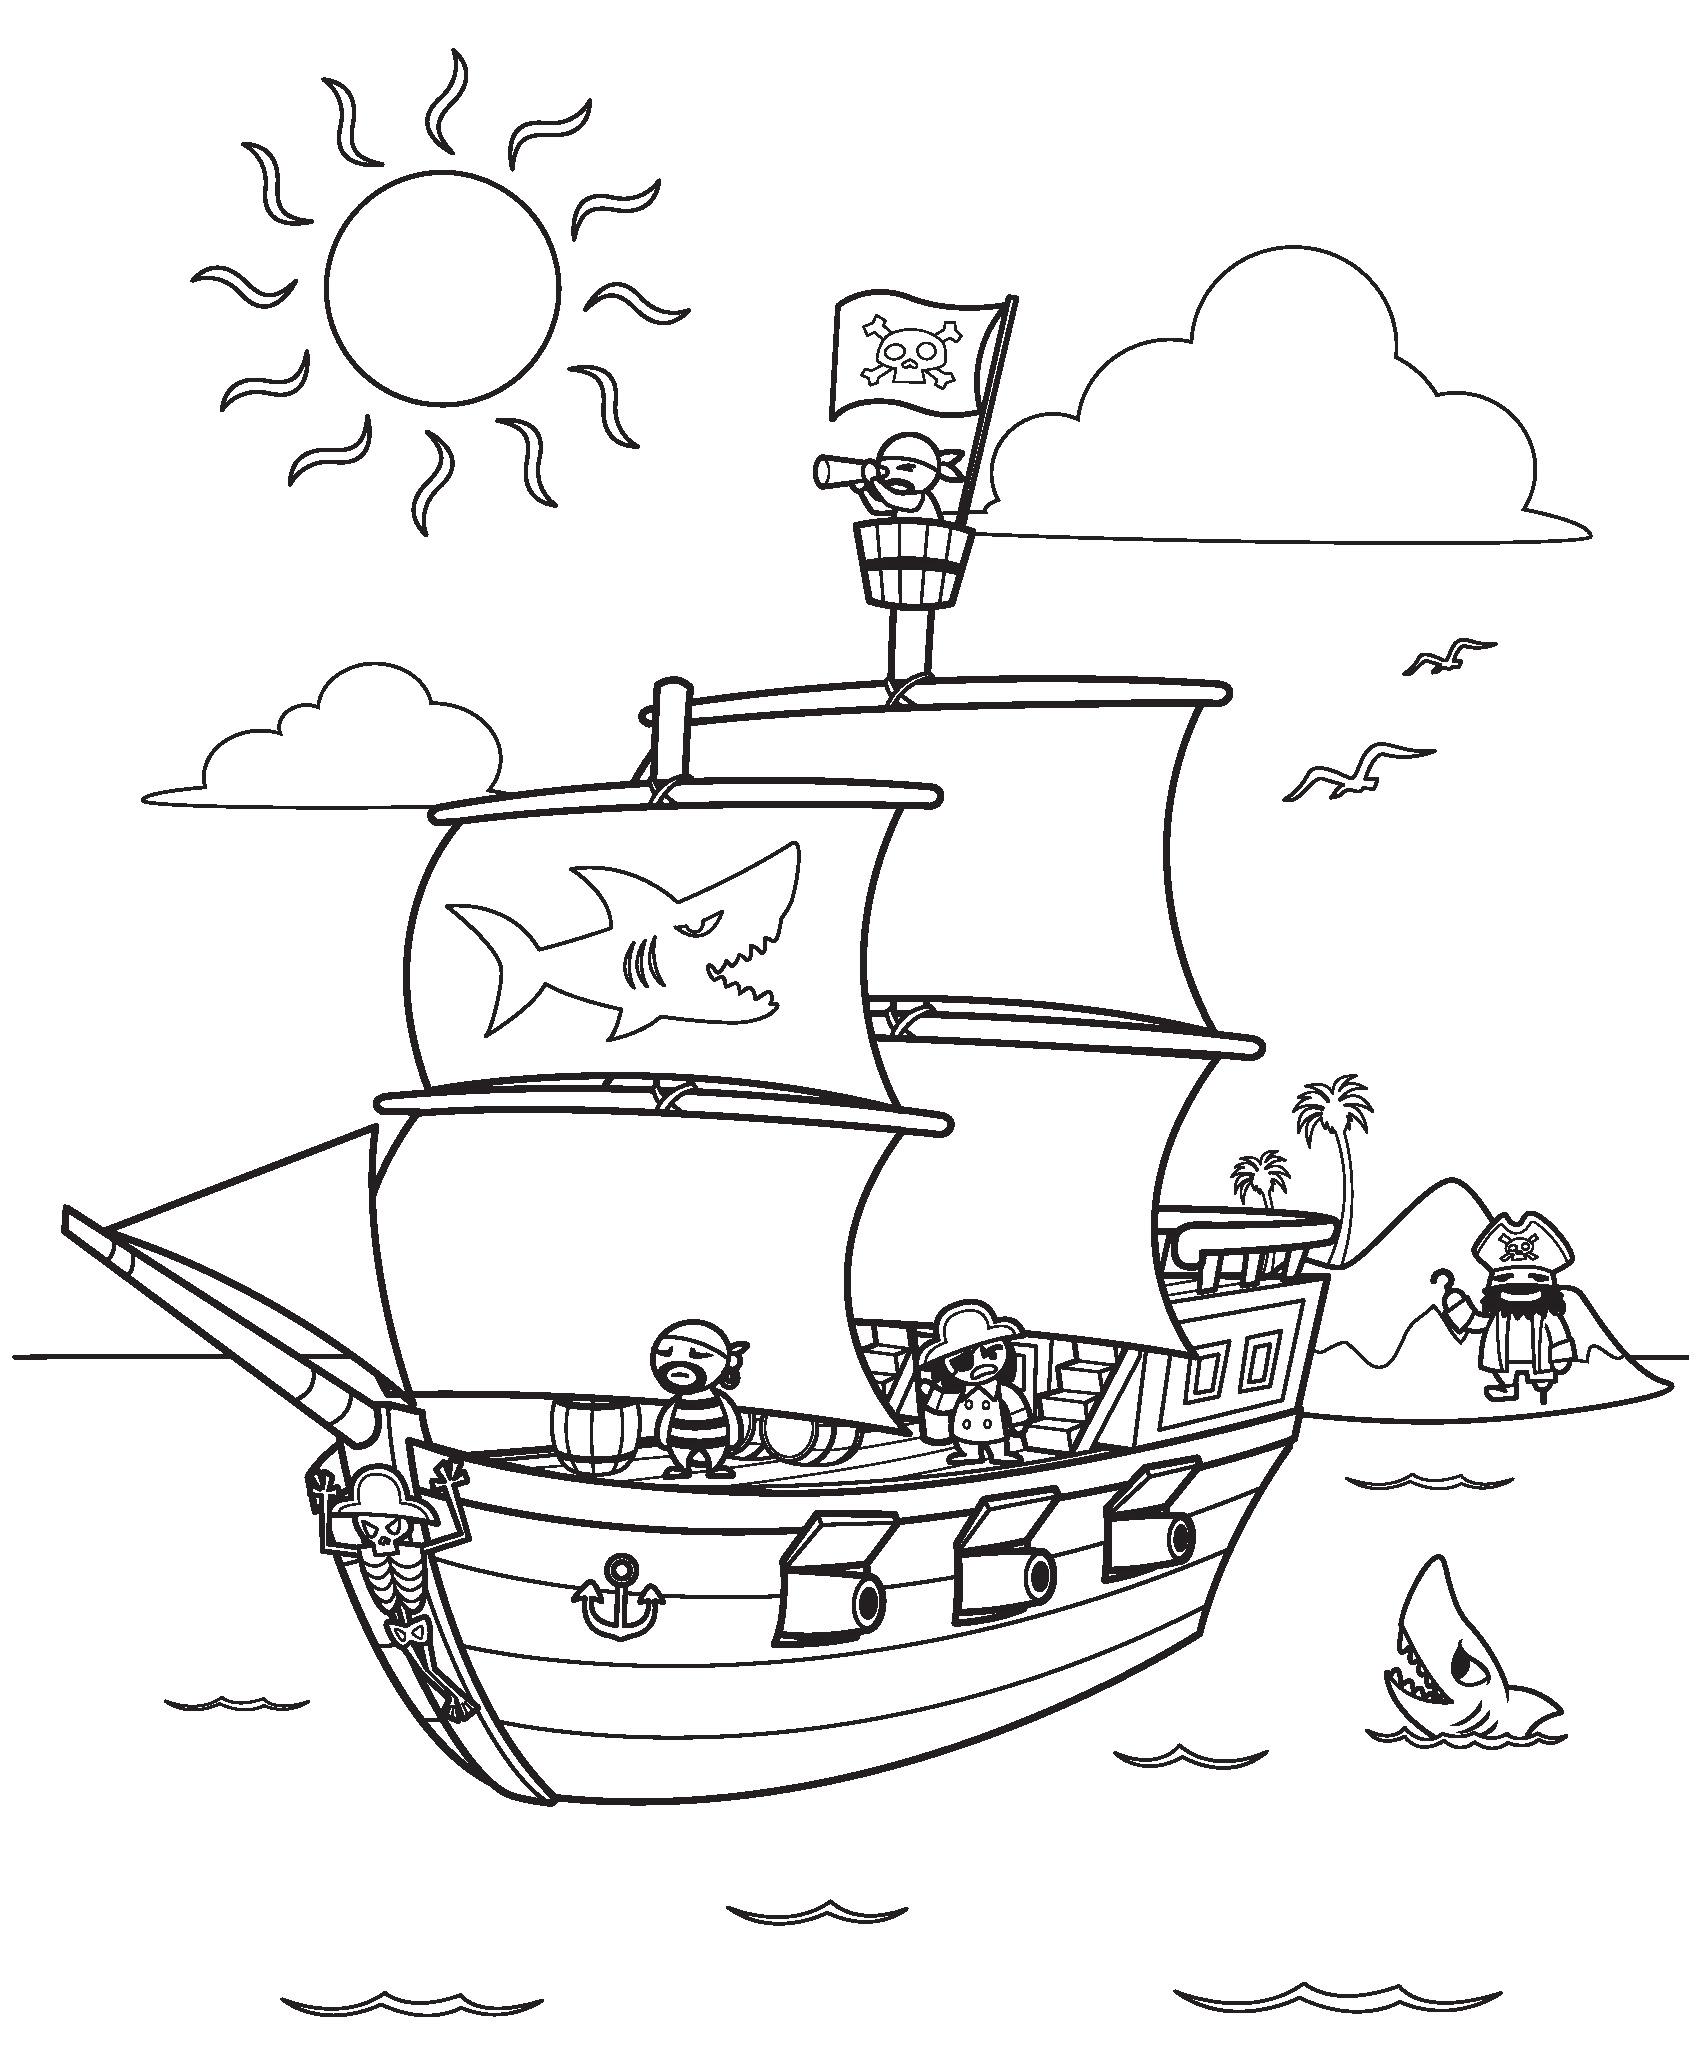 раскраска пиратский корабль распечатать или скачать бесплатно